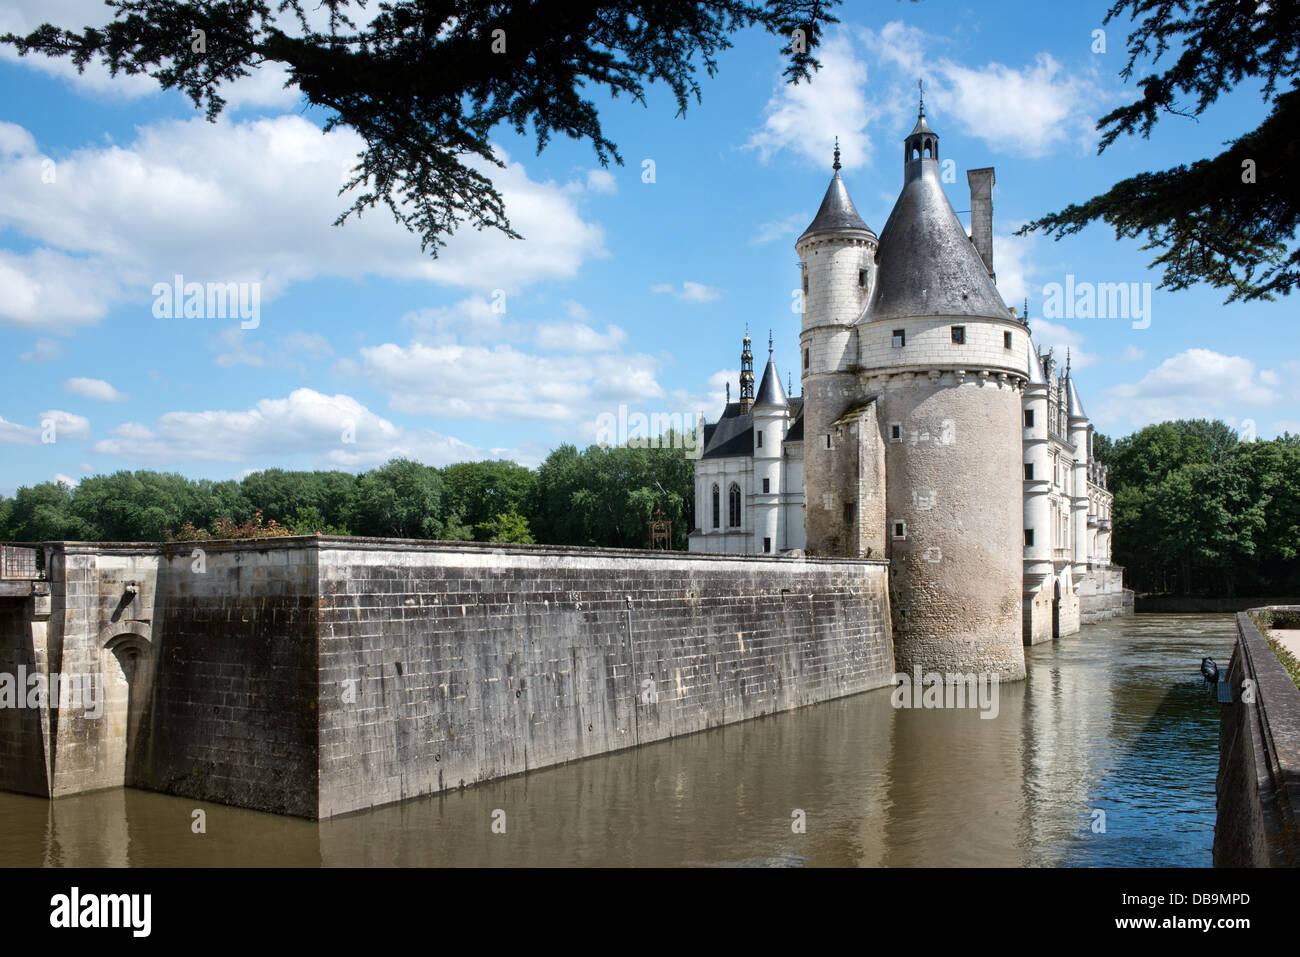 Una vista horizontal del castillo de Chenonceau en el valle del Loira, Francia, mostrando el río y torres Imagen De Stock